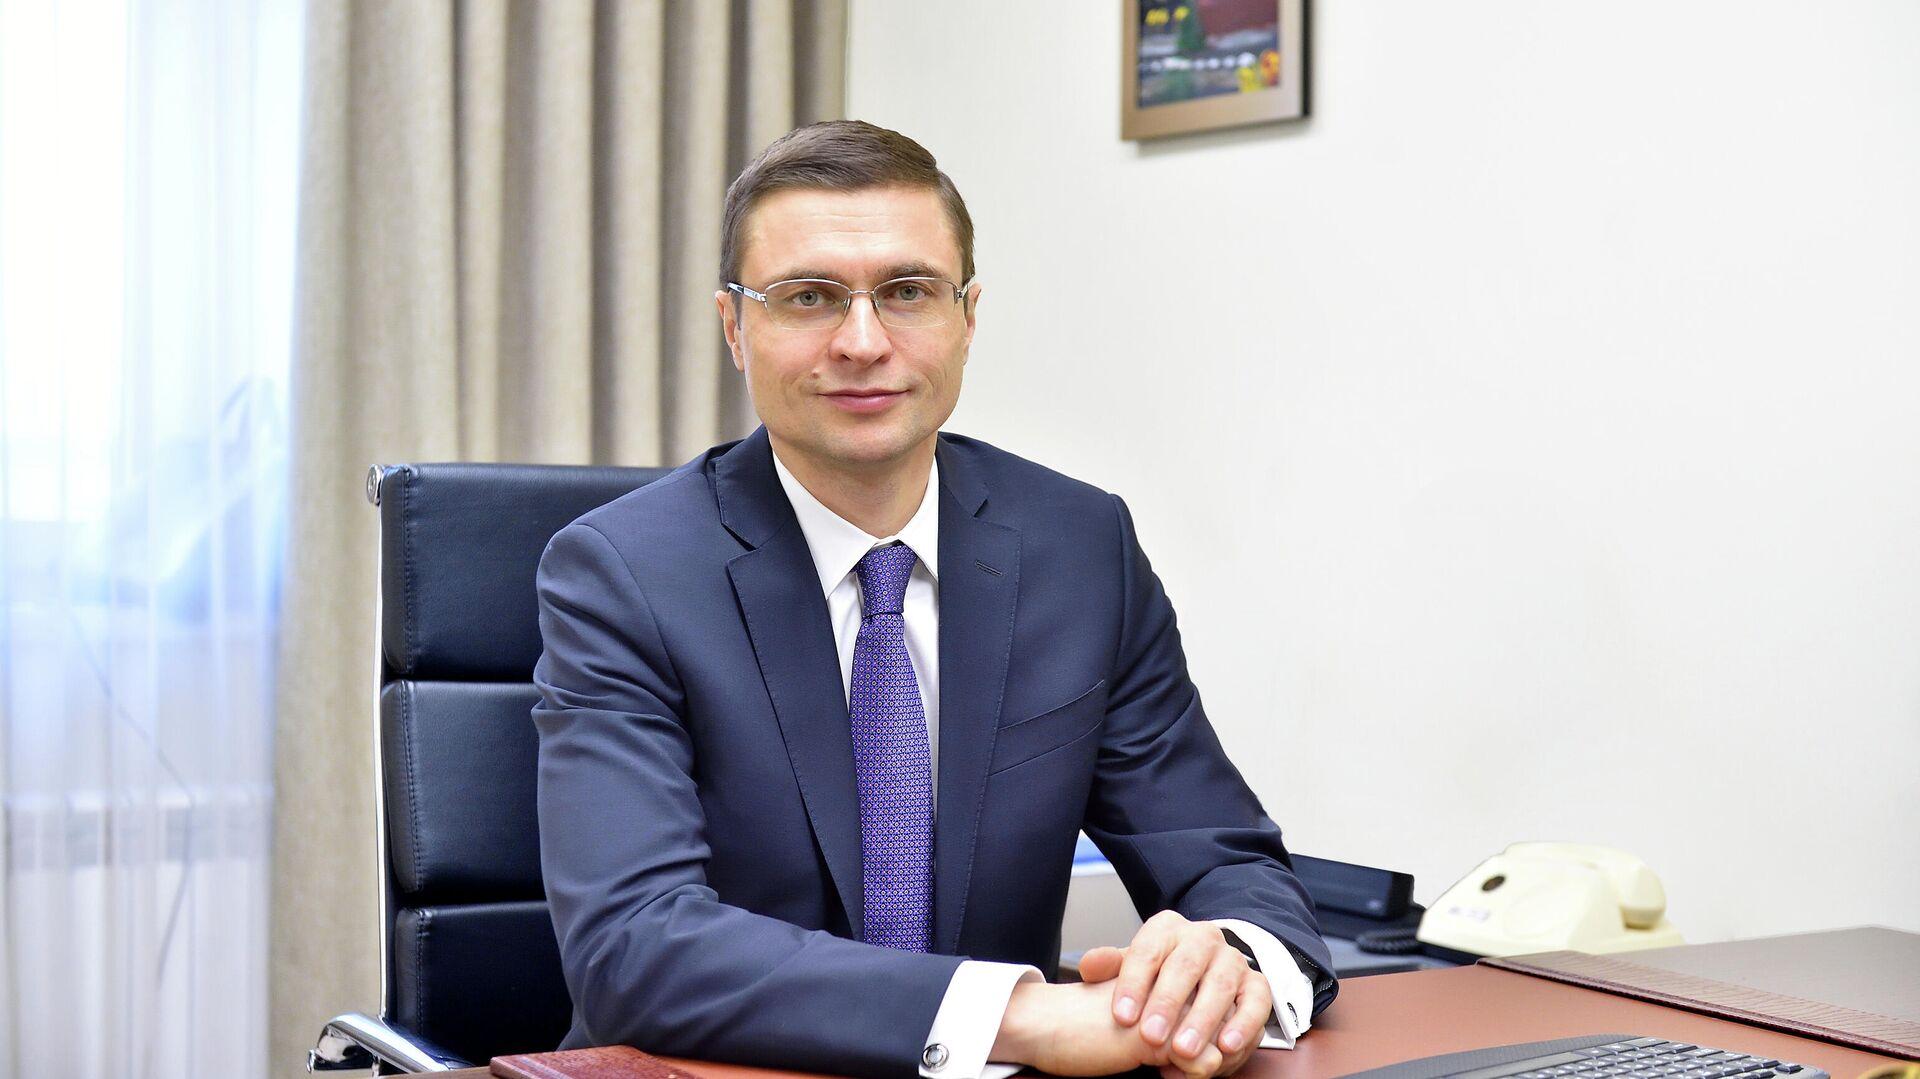 Глава департамента строительства Москвы Рафик Загрутдинов - РИА Новости, 1920, 28.06.2021